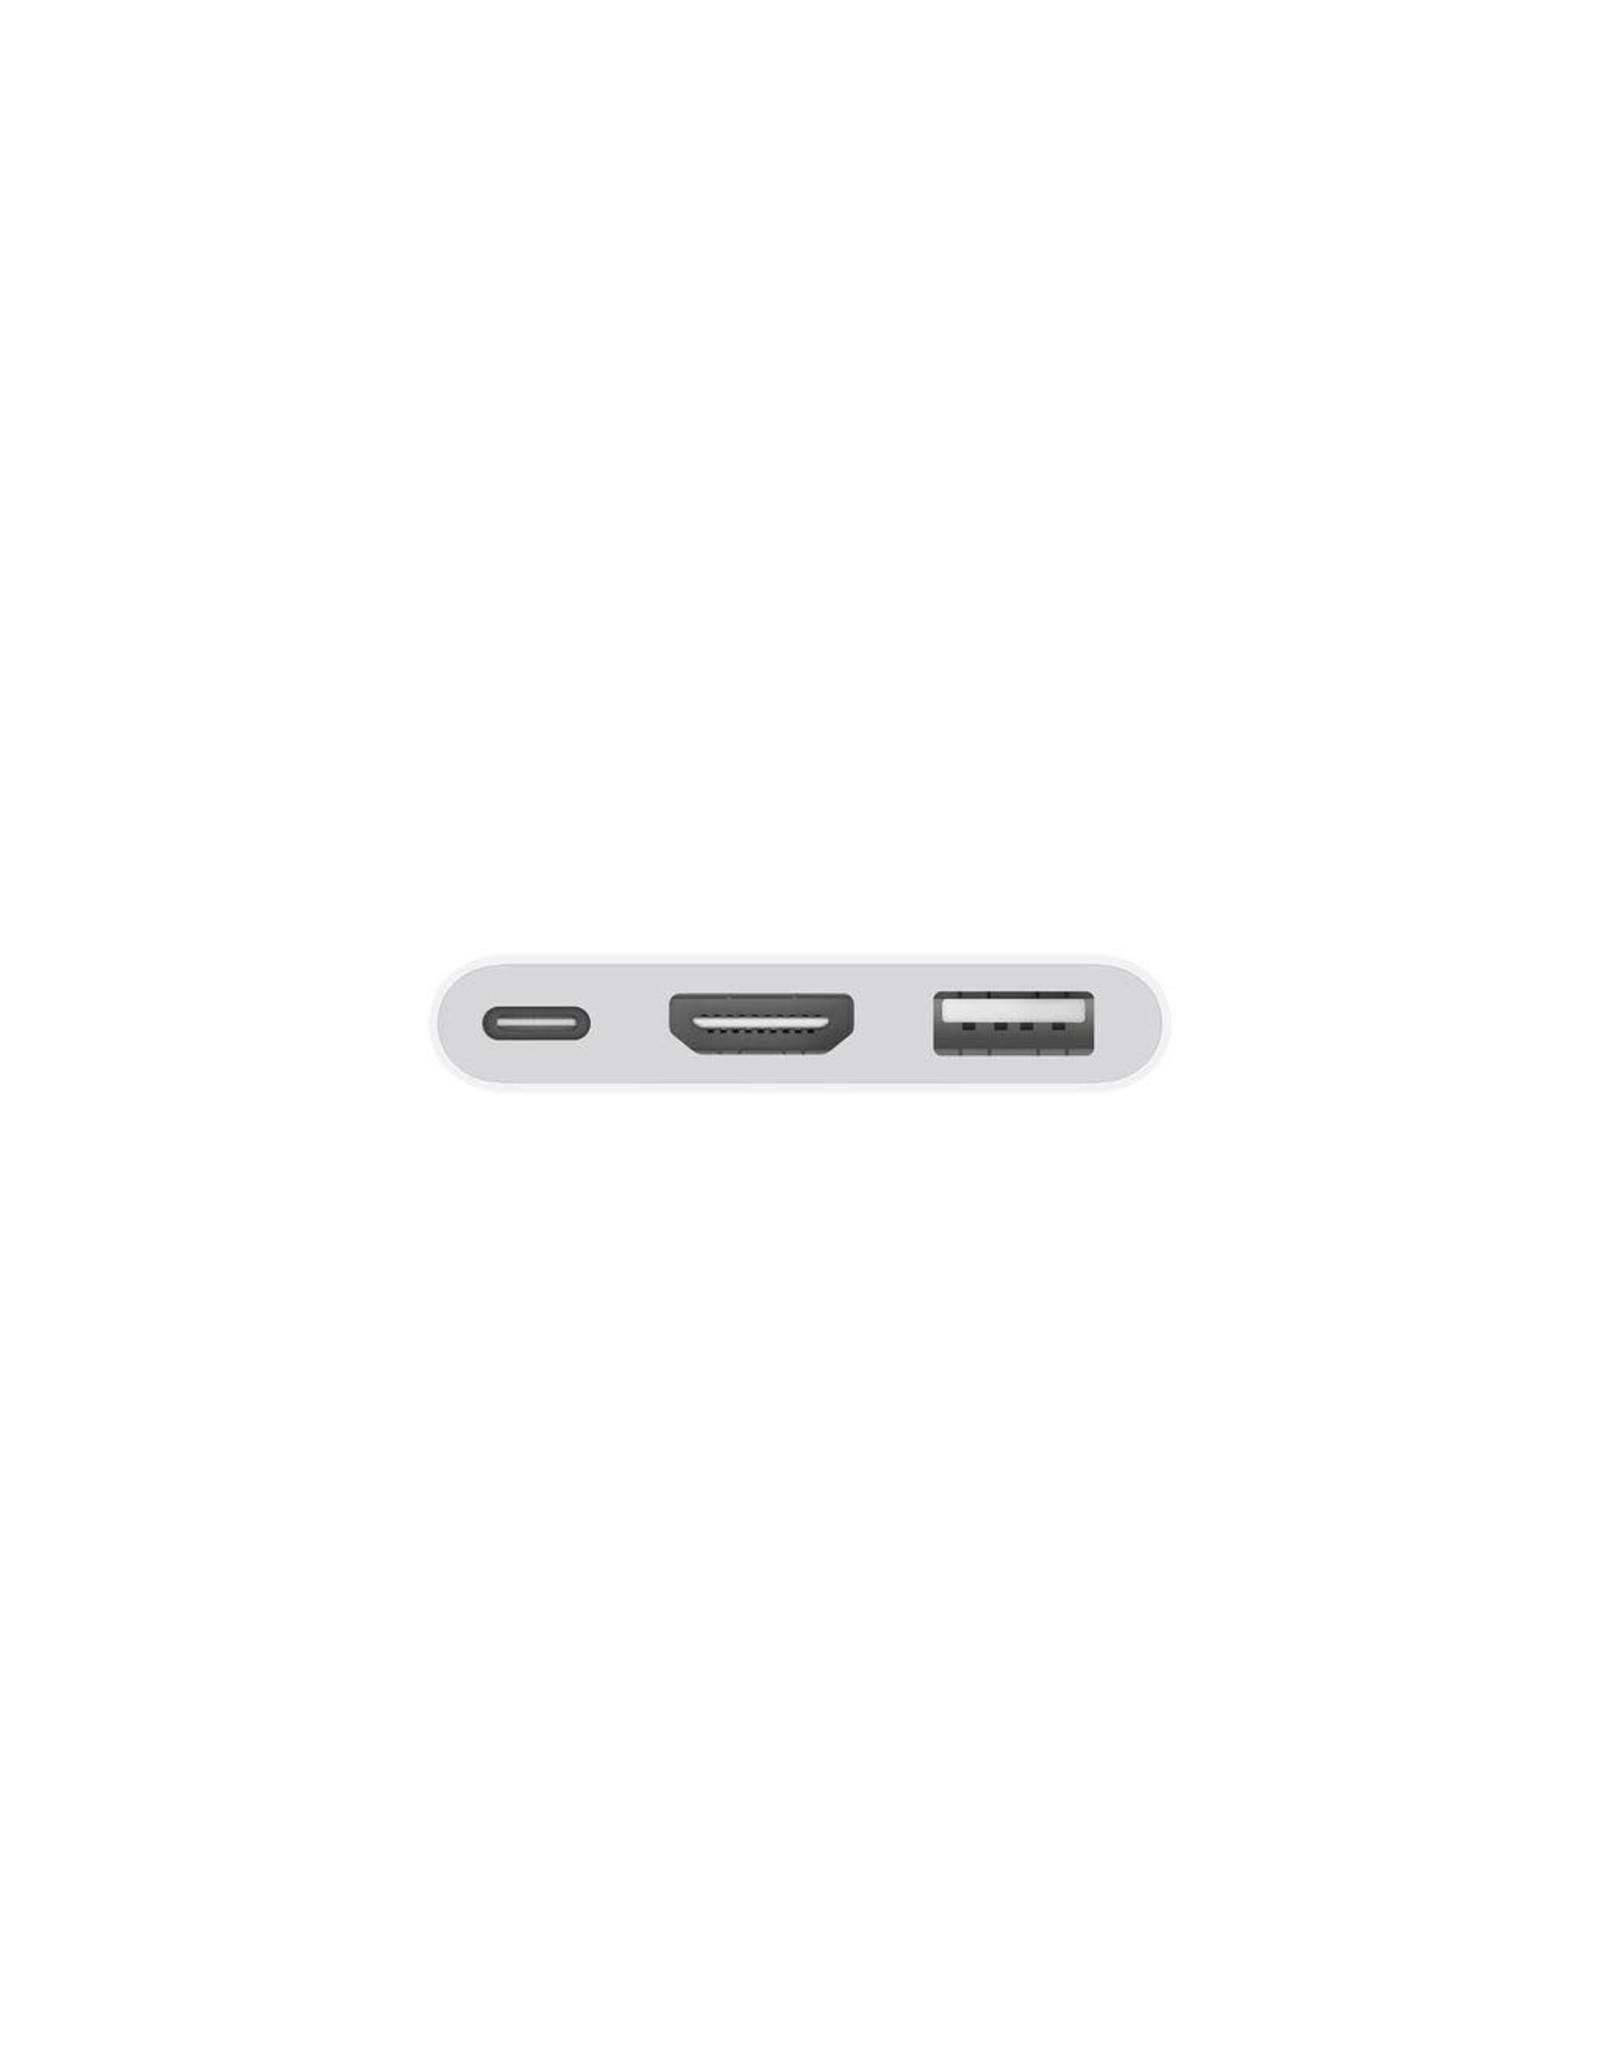 Apple Apple USB-C Digital AV Multiport Adapter